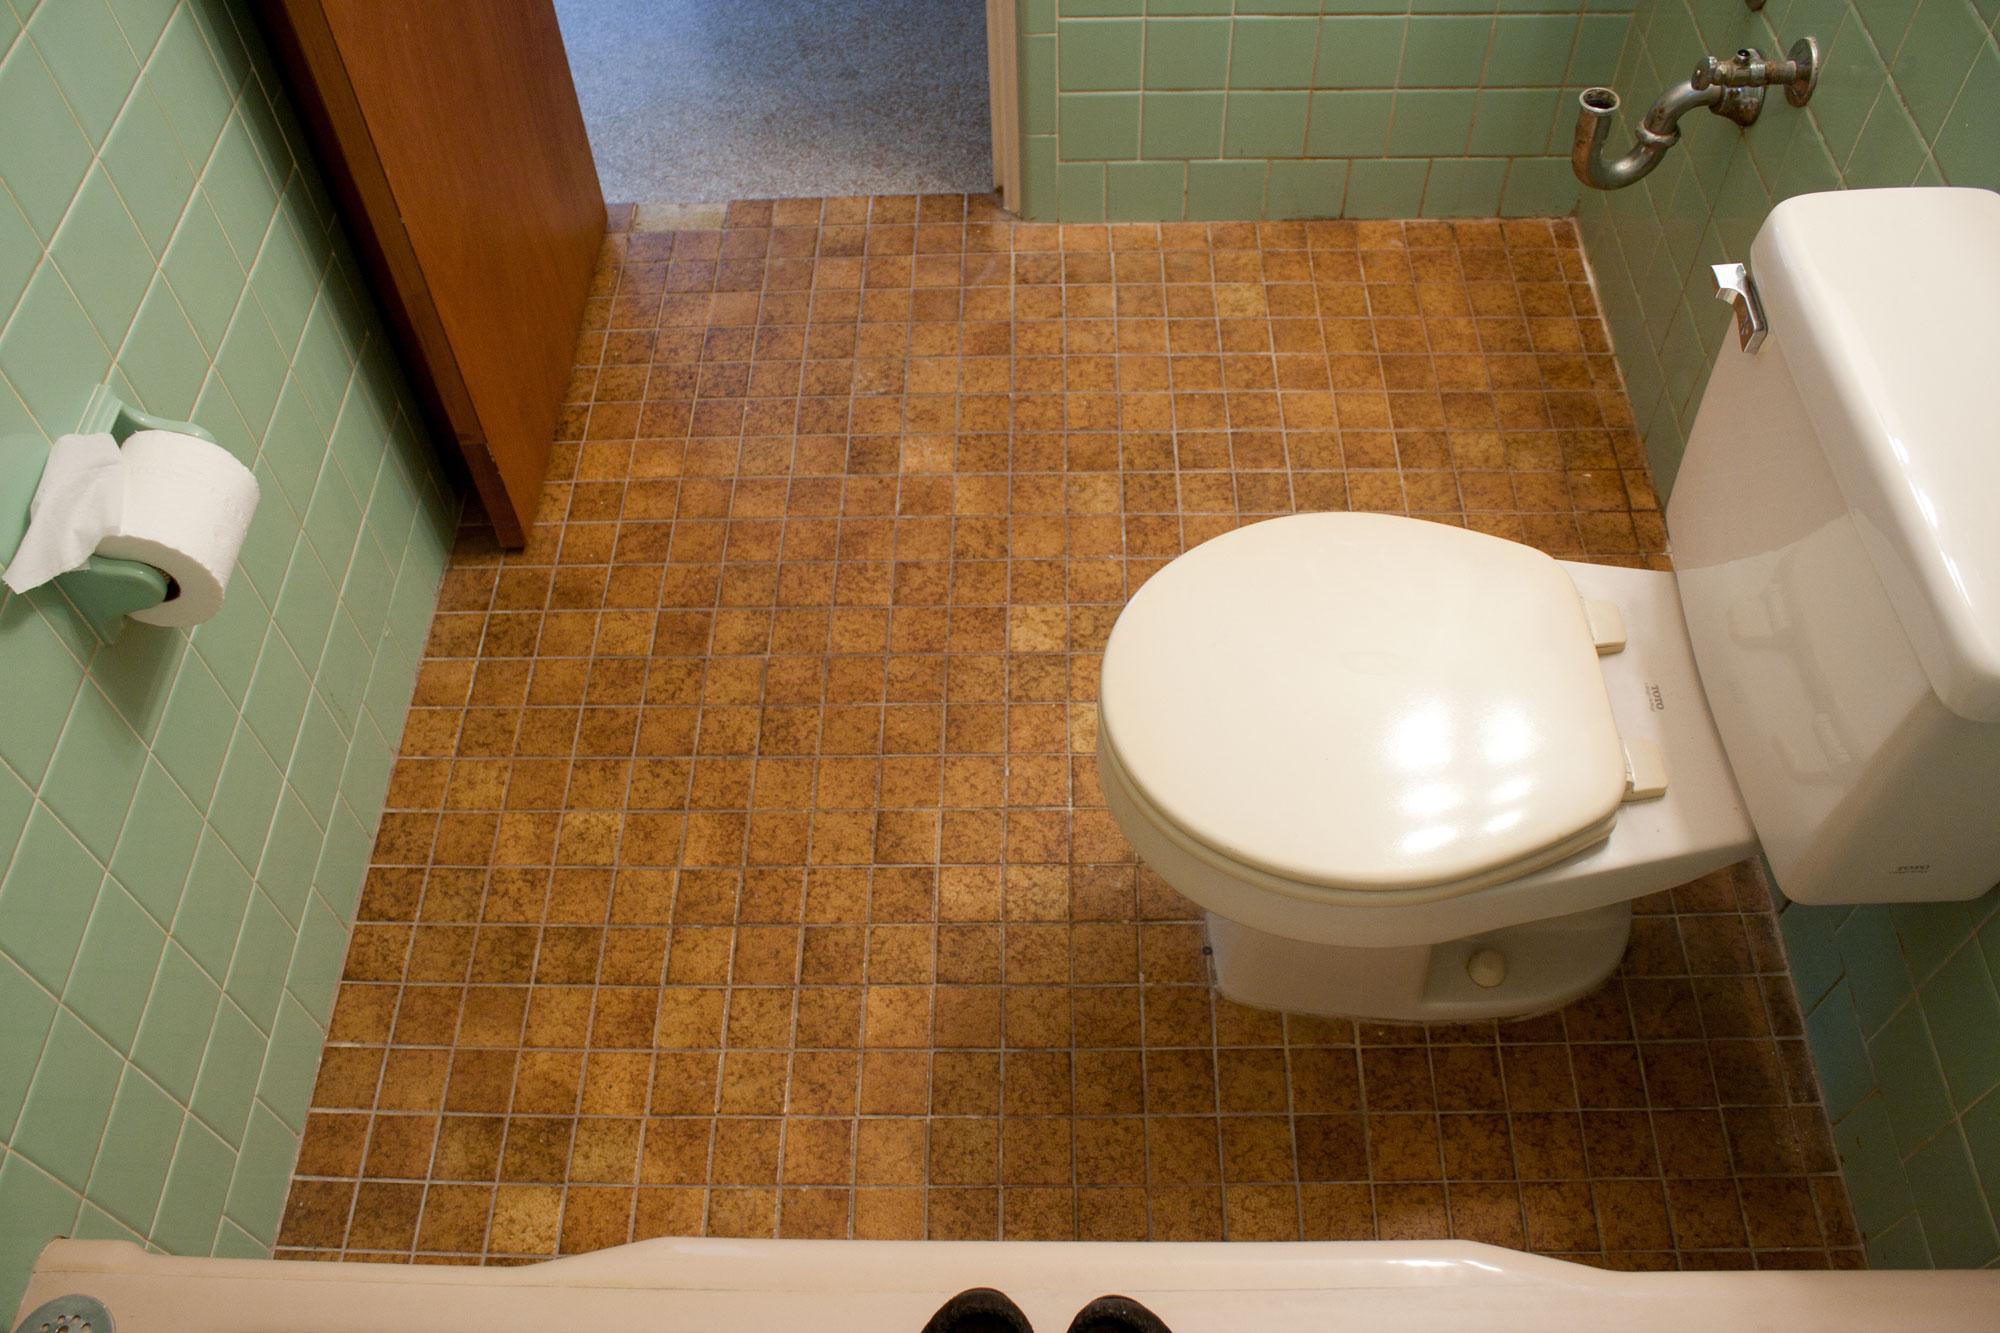 Aqua Tile Kibster Vintage -  removing bathroom tile